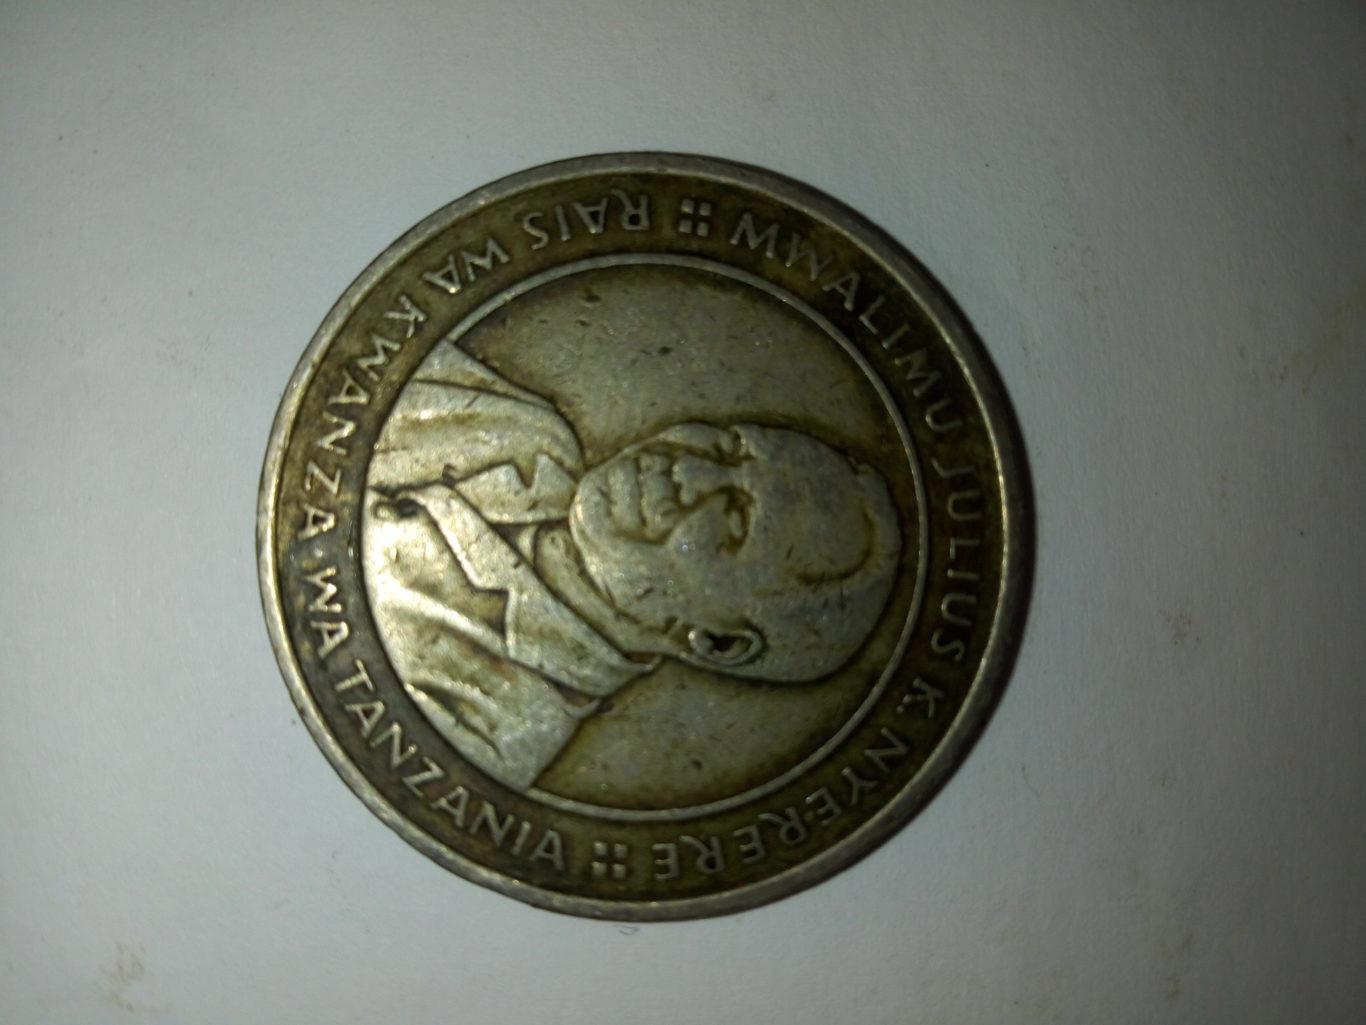 1961_1981_ shilingi 20 ya tanzania